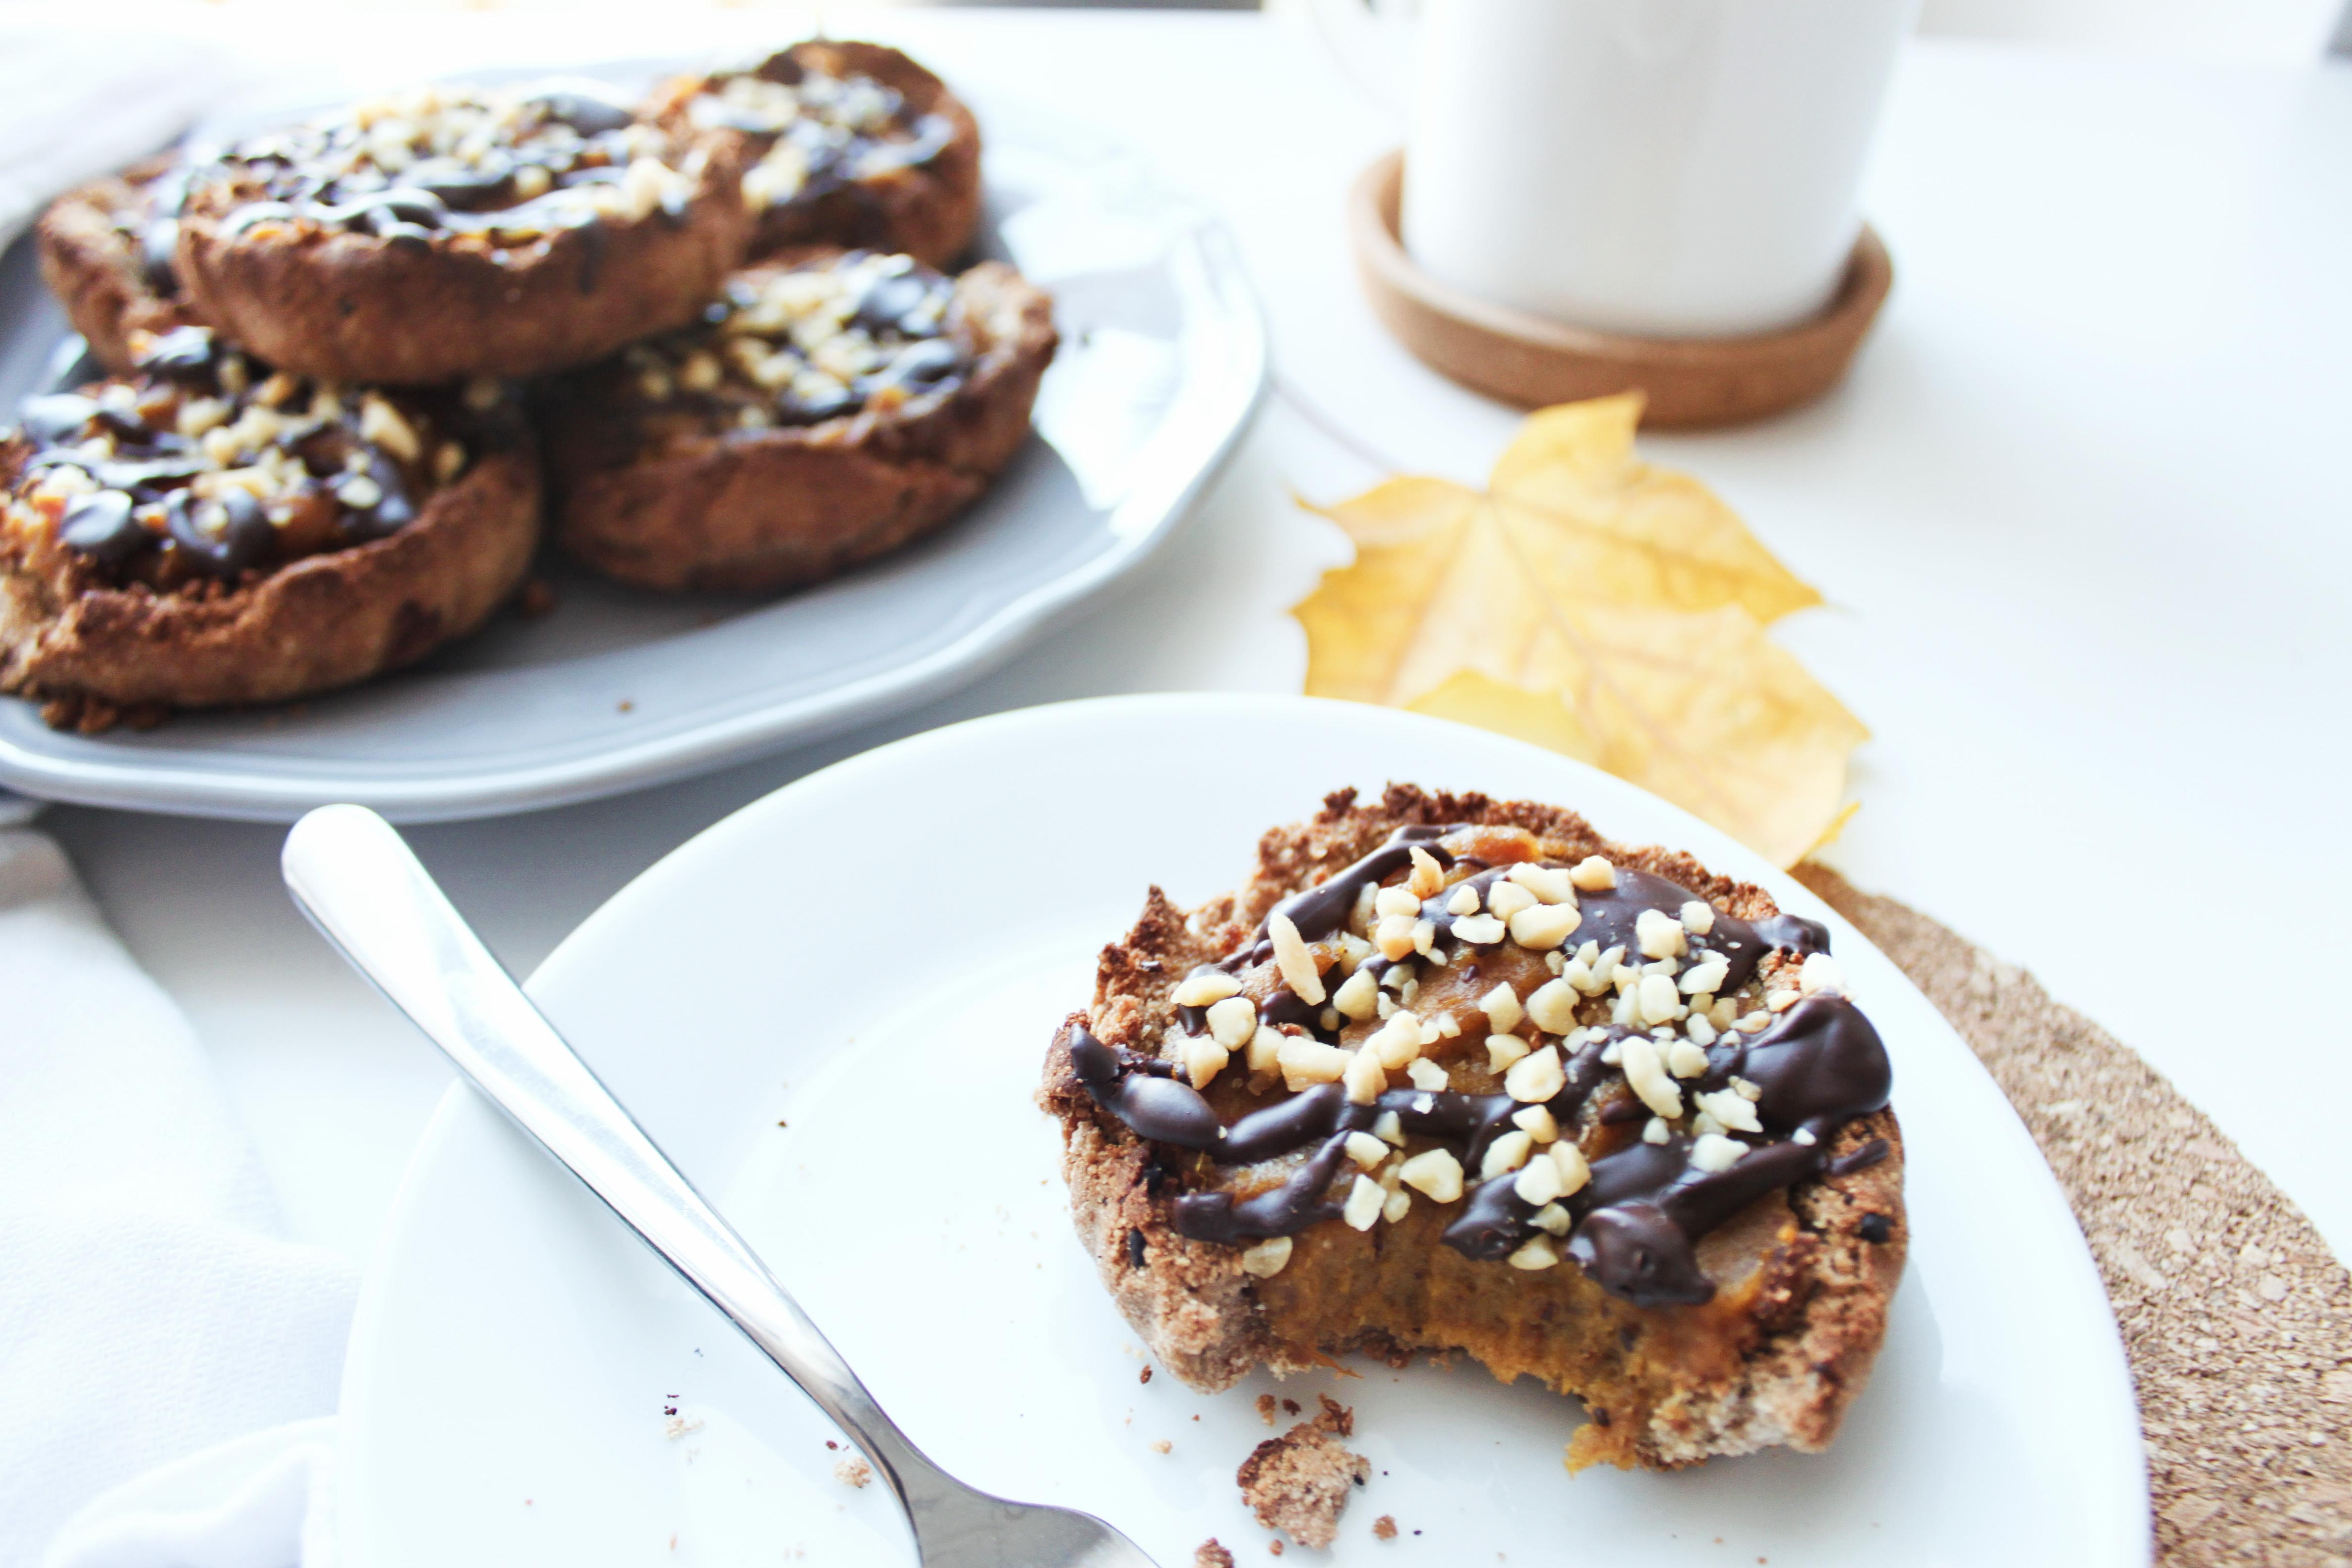 przepis na fit kokosowe ciasteczka z karmelem dyniowym